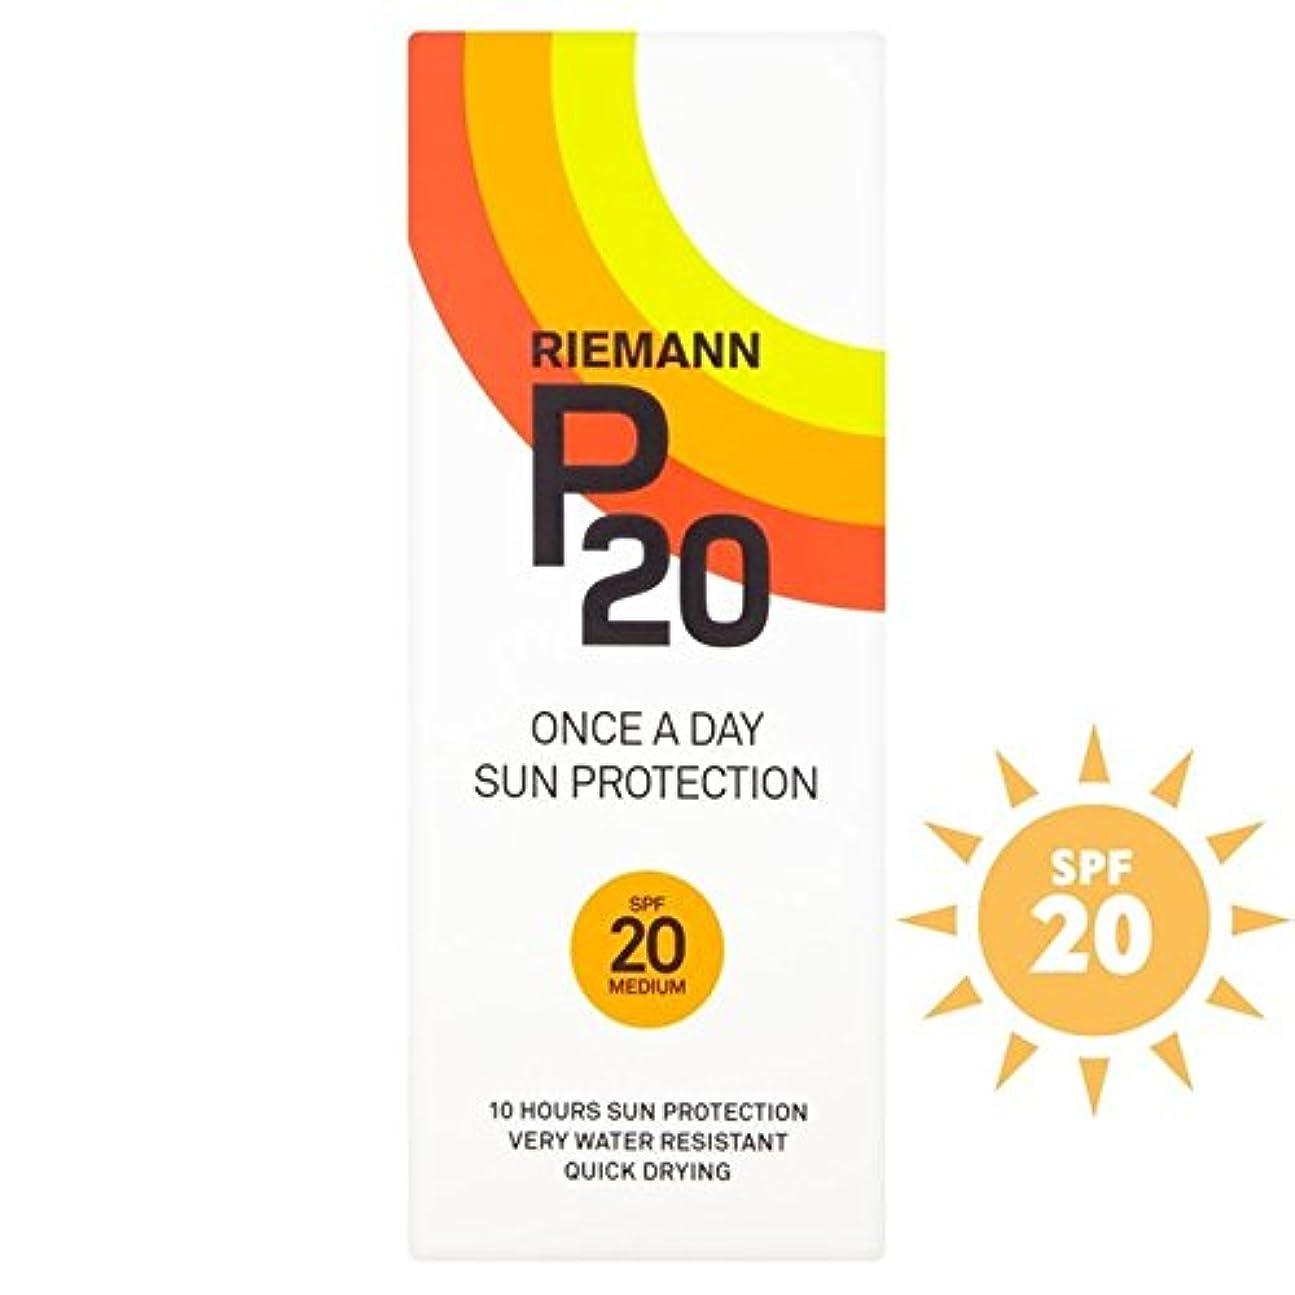 ピグマリオン能力スムーズにRiemann P20 SPF20 1 Day/10 Hour Protection 200ml - リーマン20 20 1日/ 10時間の保護200ミリリットル [並行輸入品]